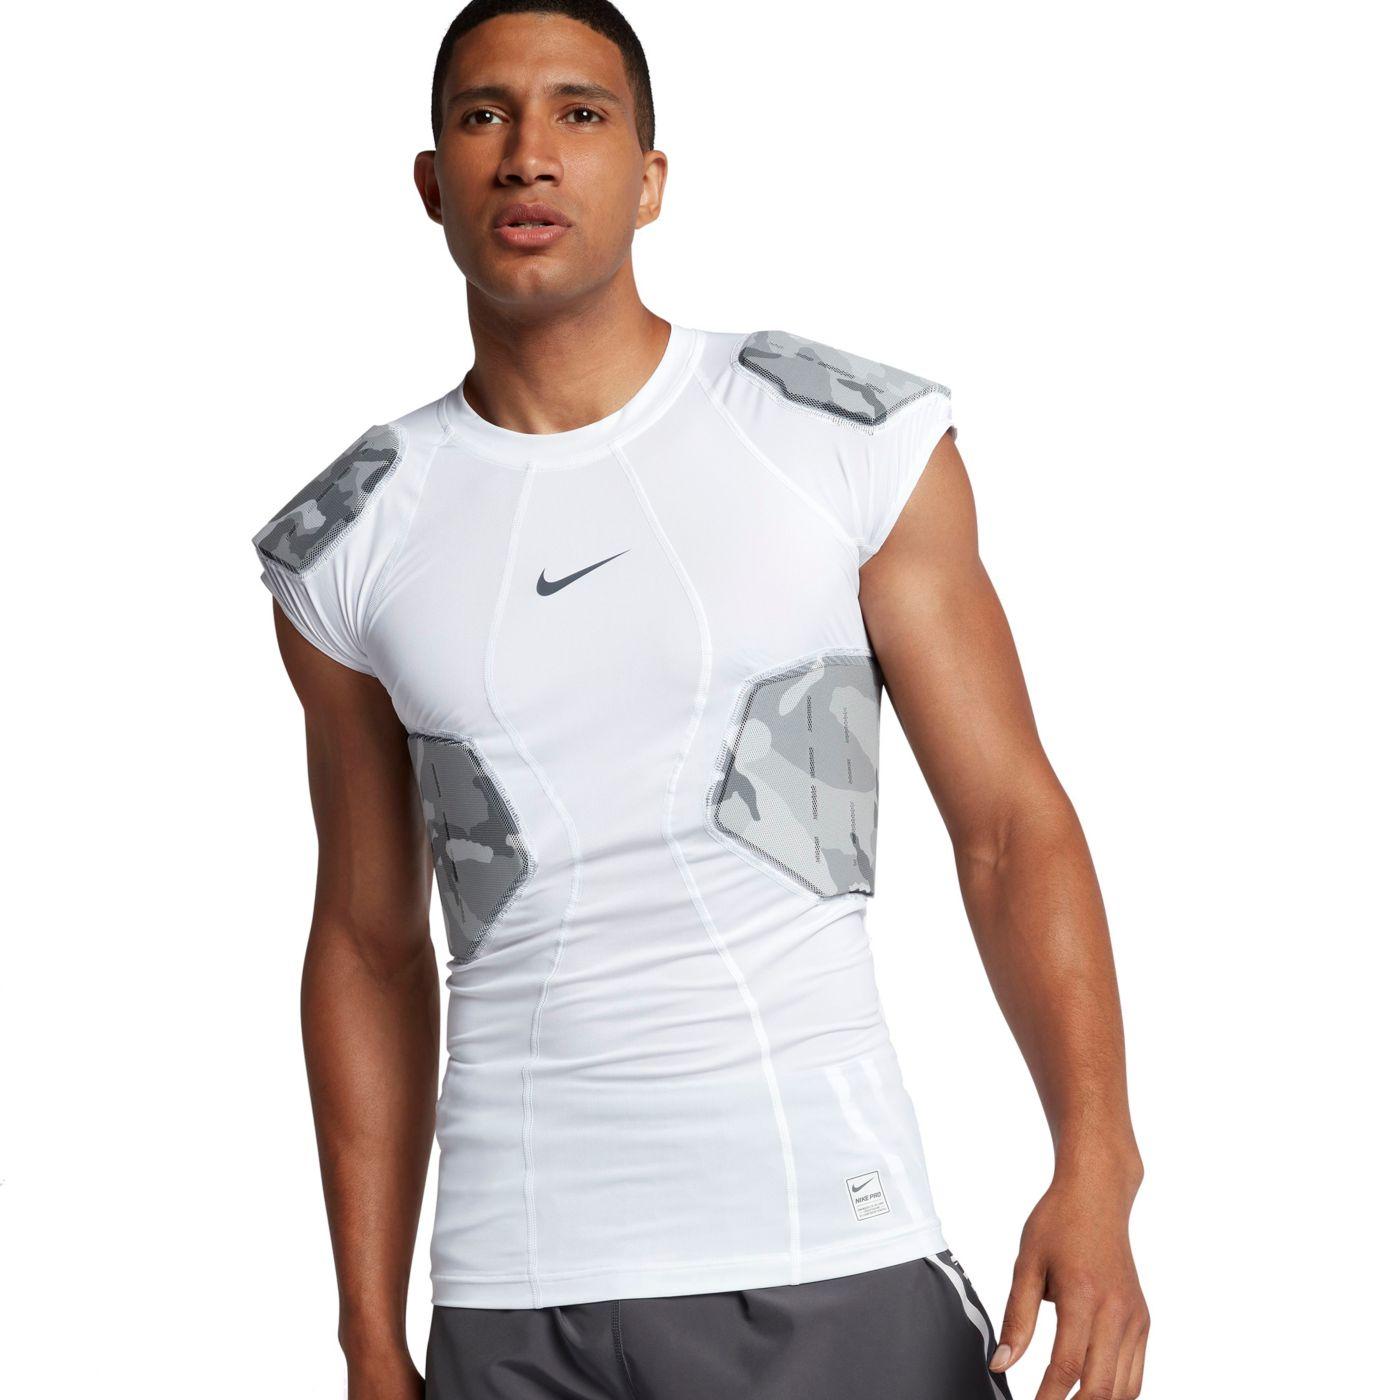 Nike Men's Pro Combat Hyperstrong 4-Pad Camo Football Shirt